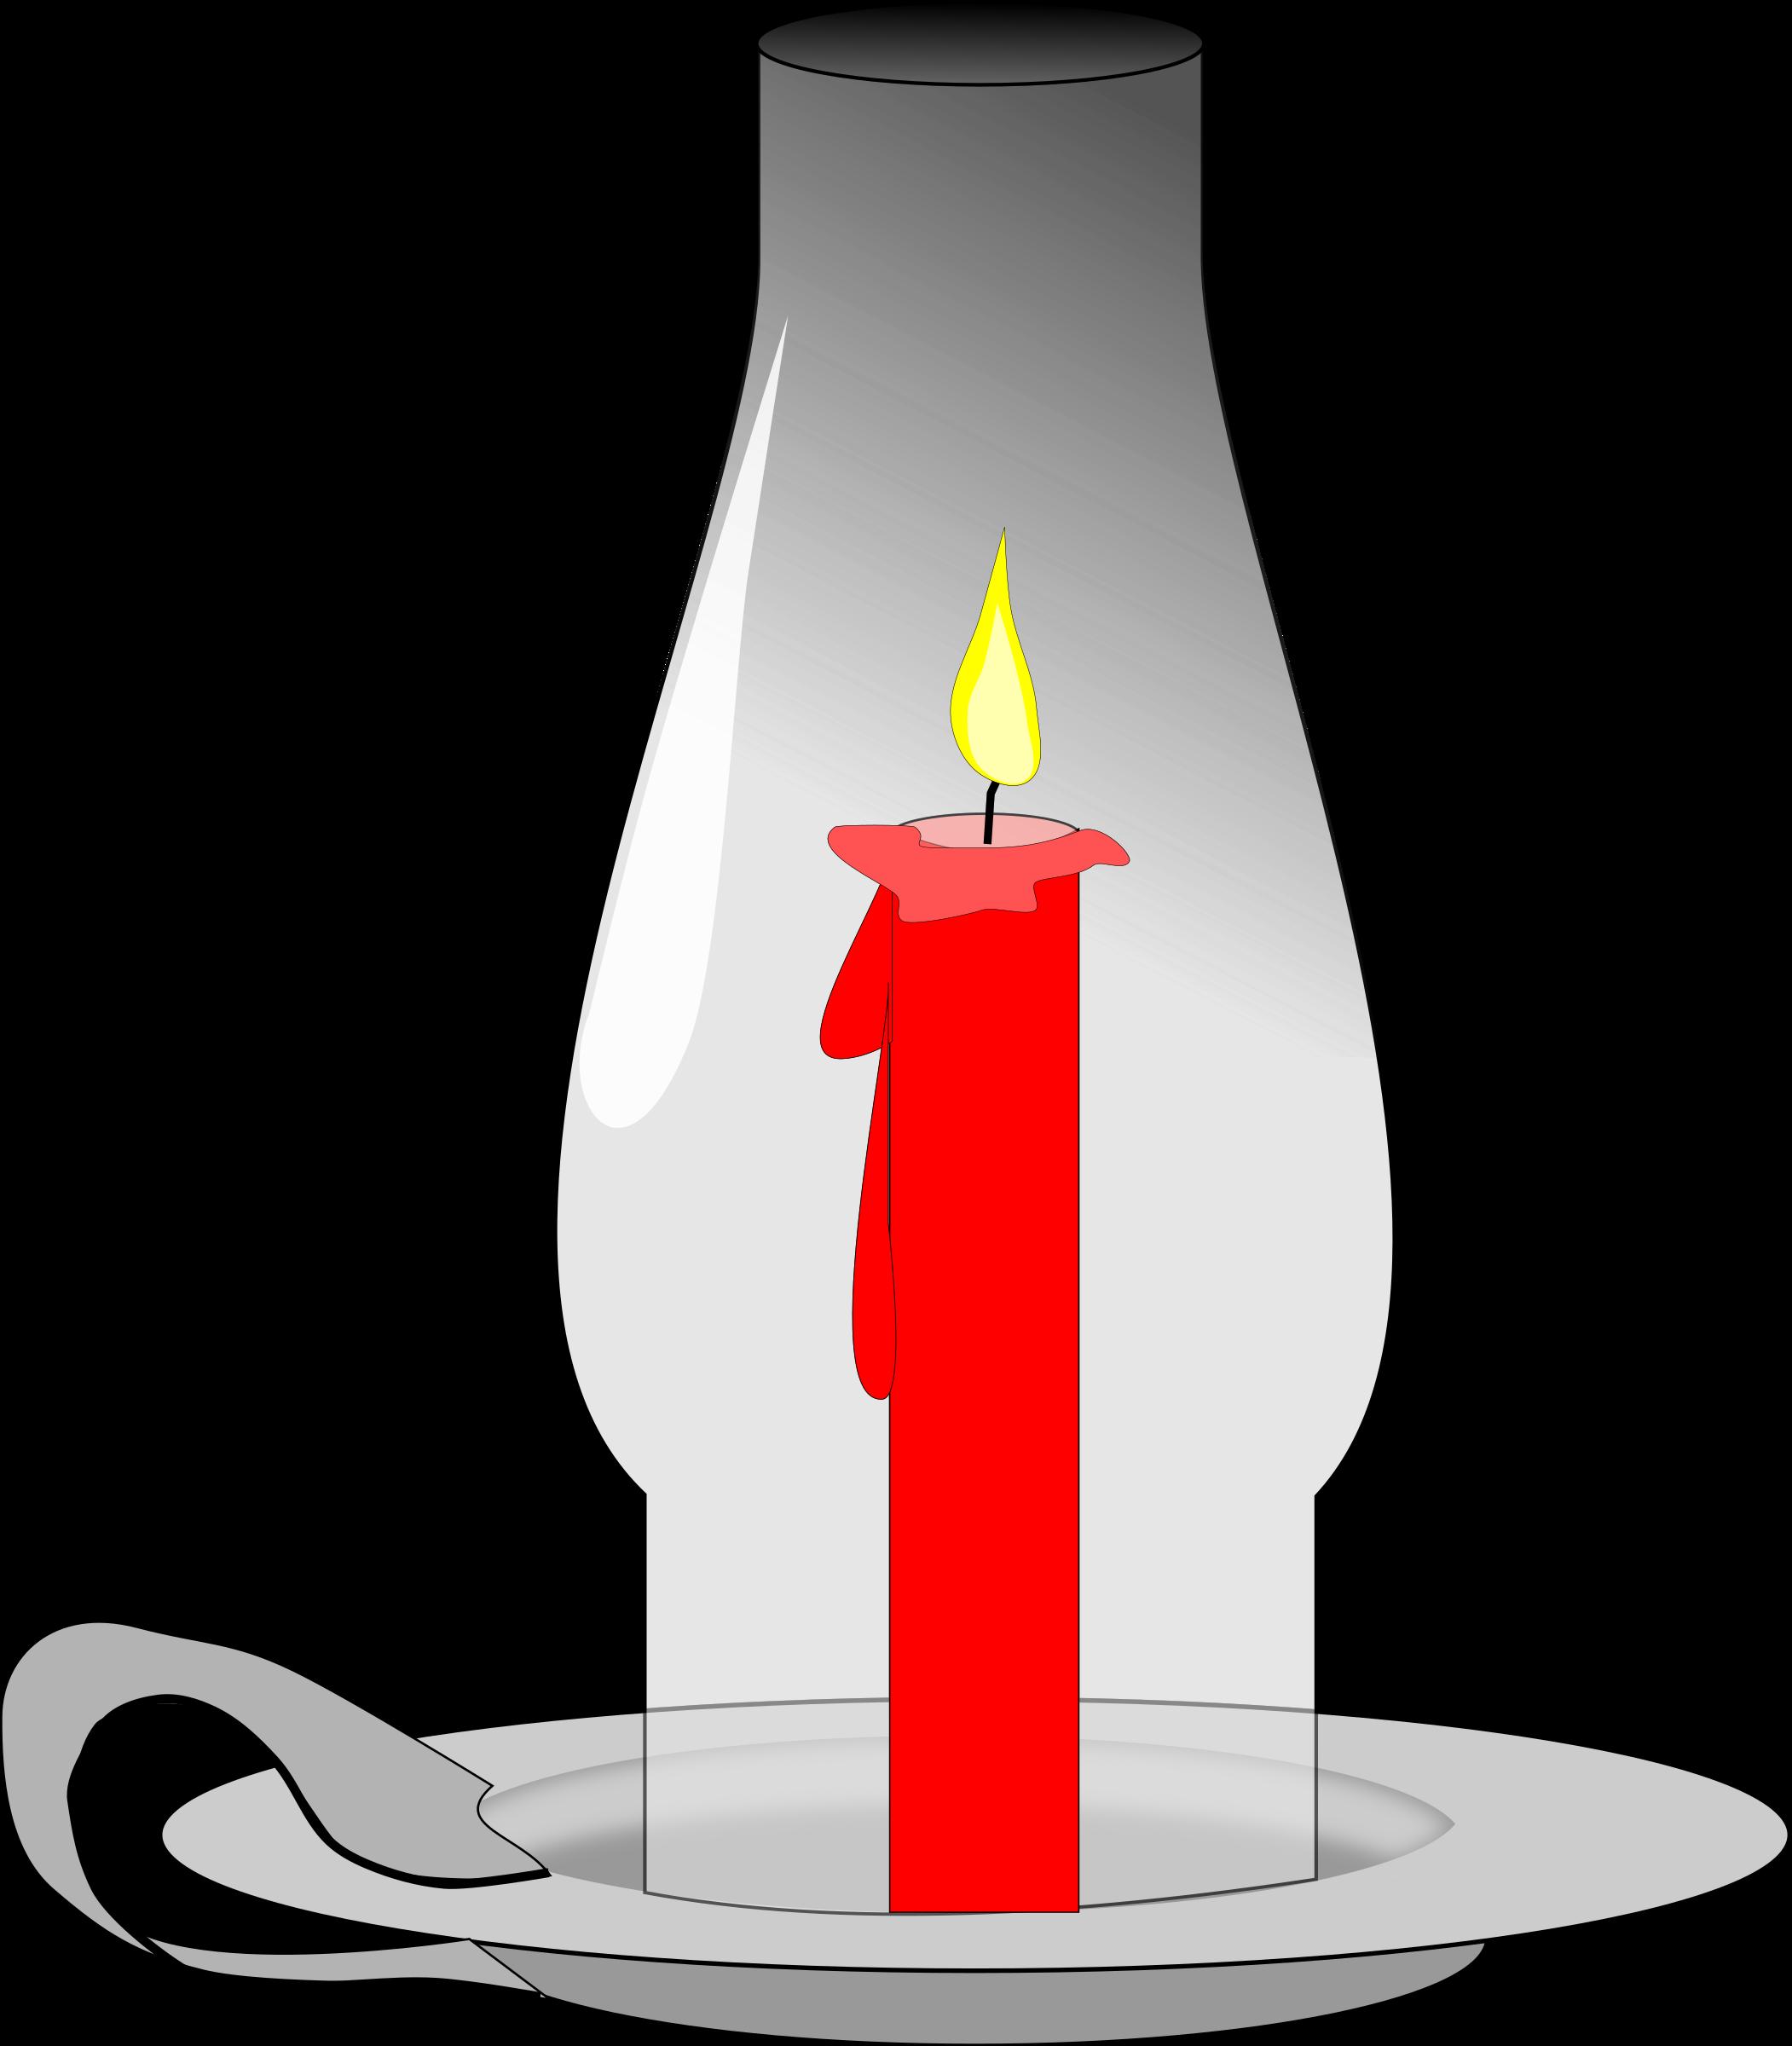 Lantern clipart candle lantern. Hurricane big image png